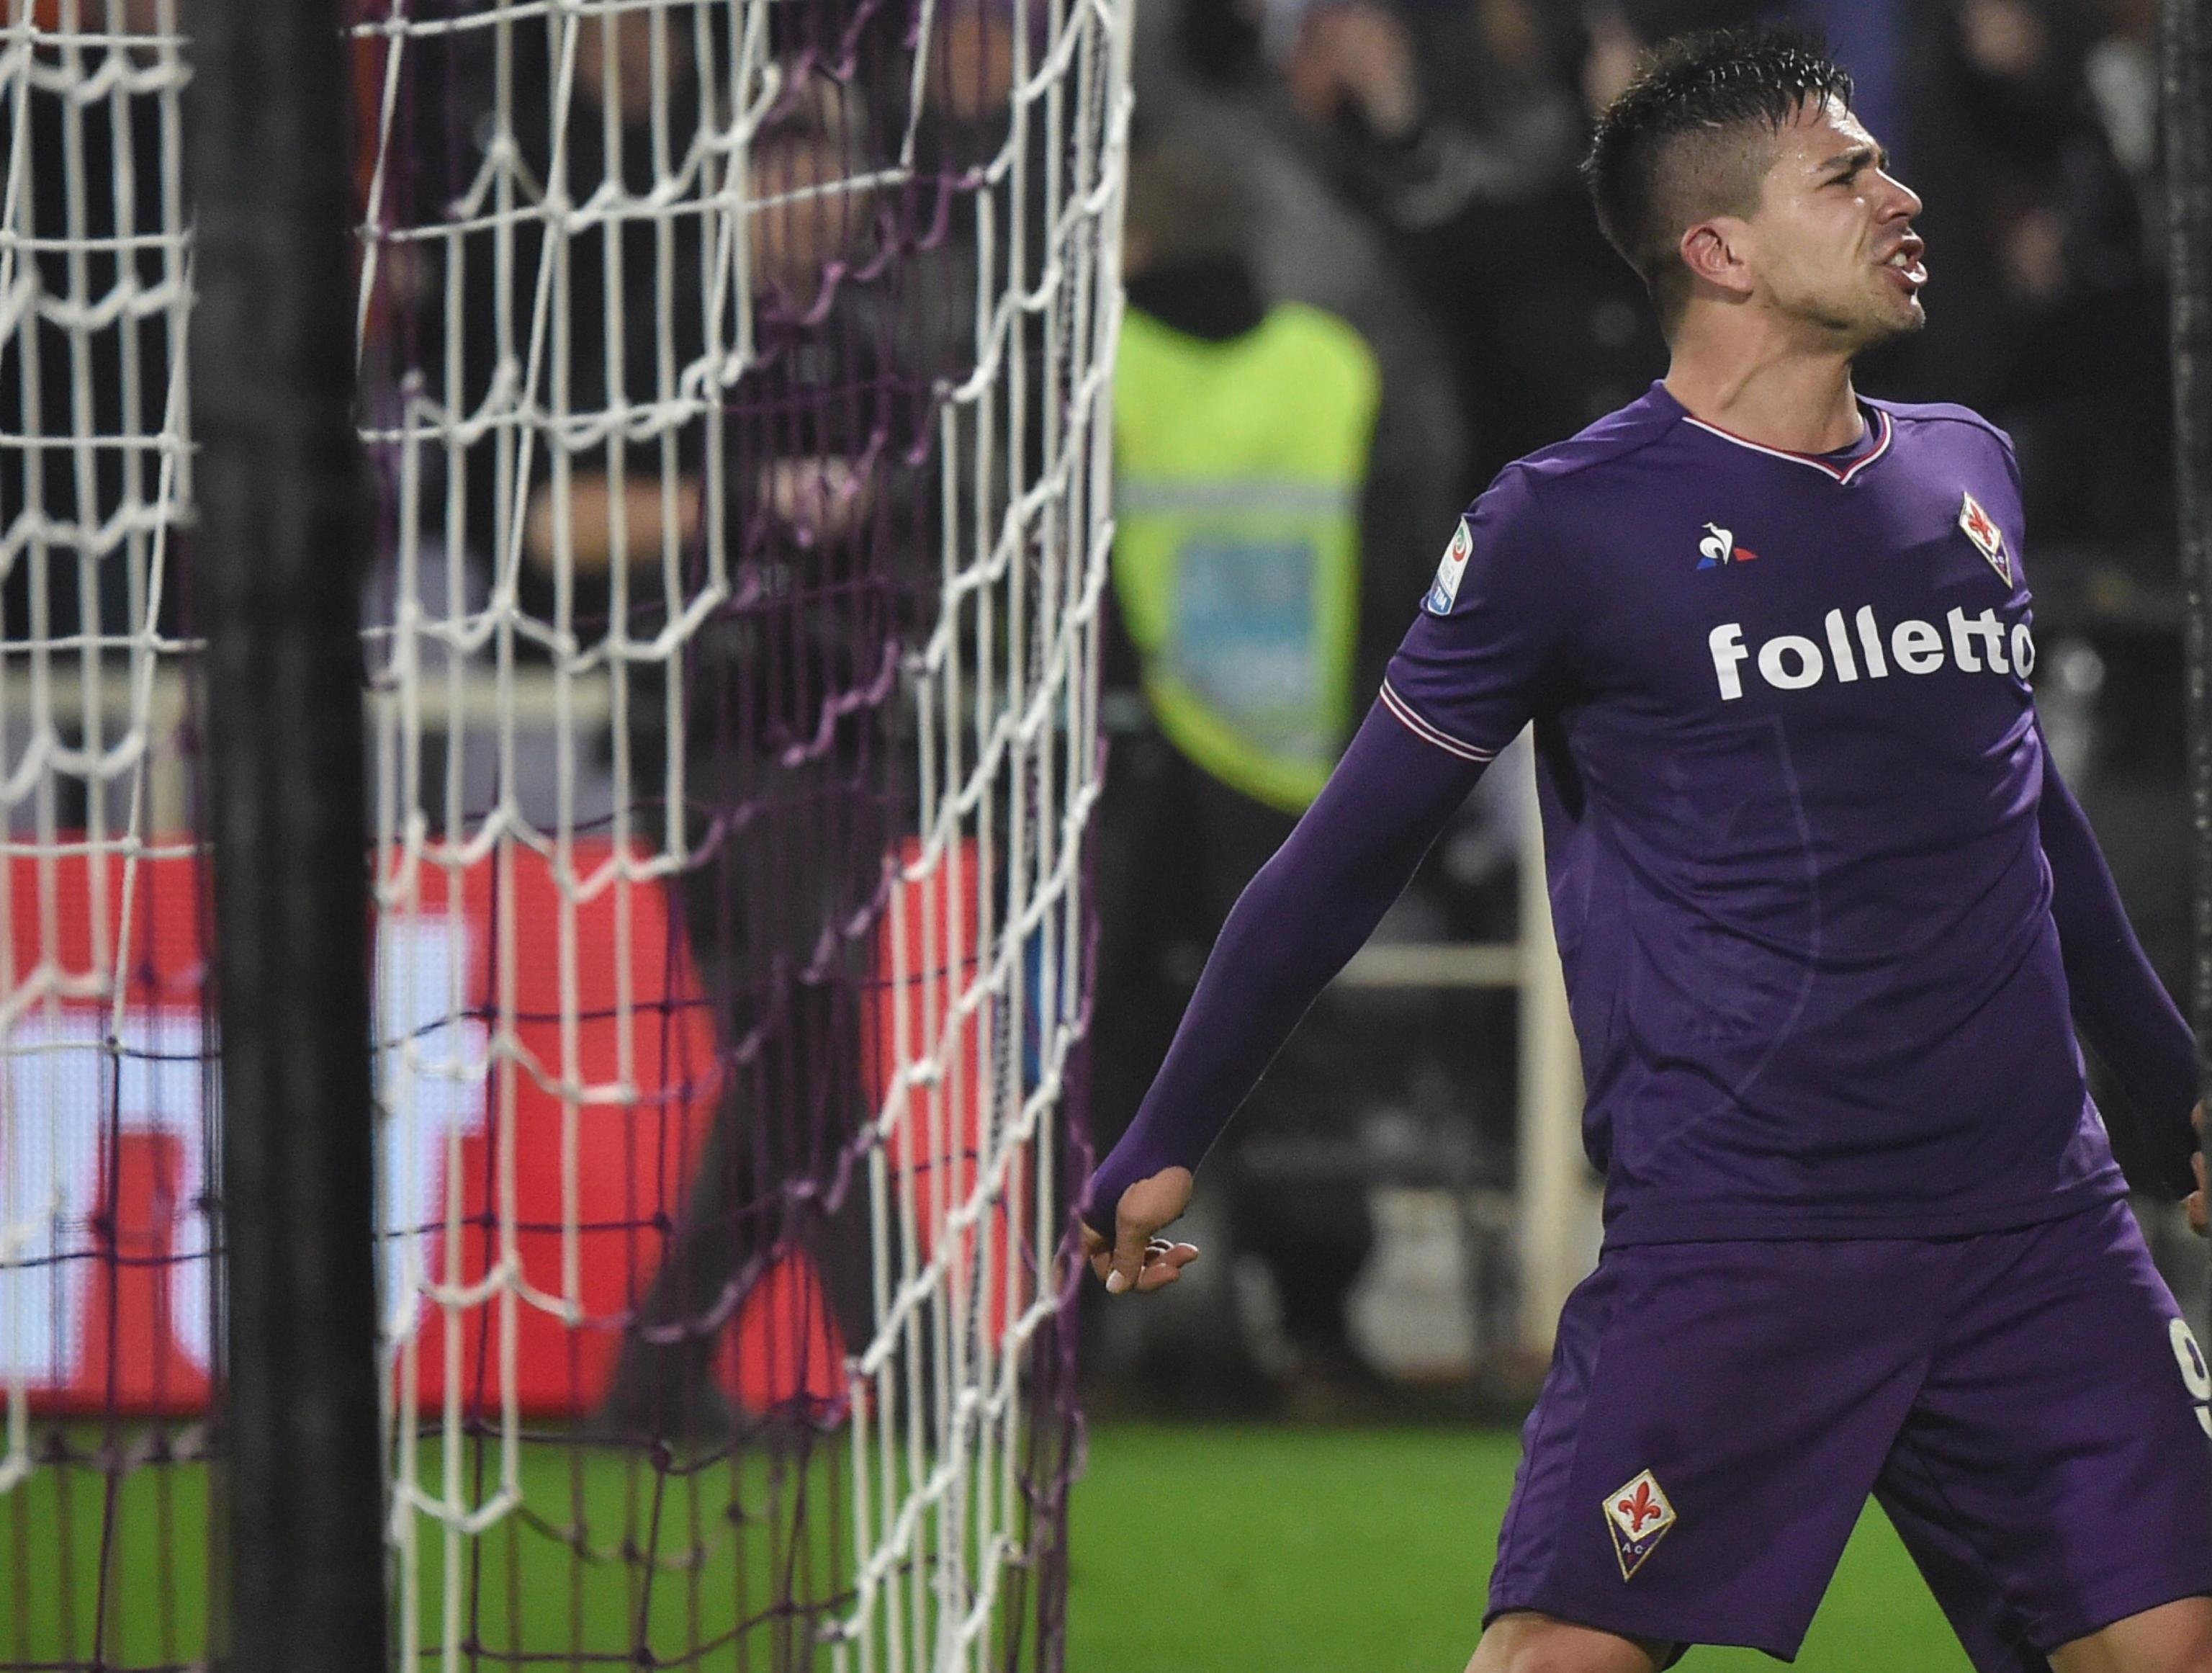 Serie A: Fiorentina-Inter 1-1